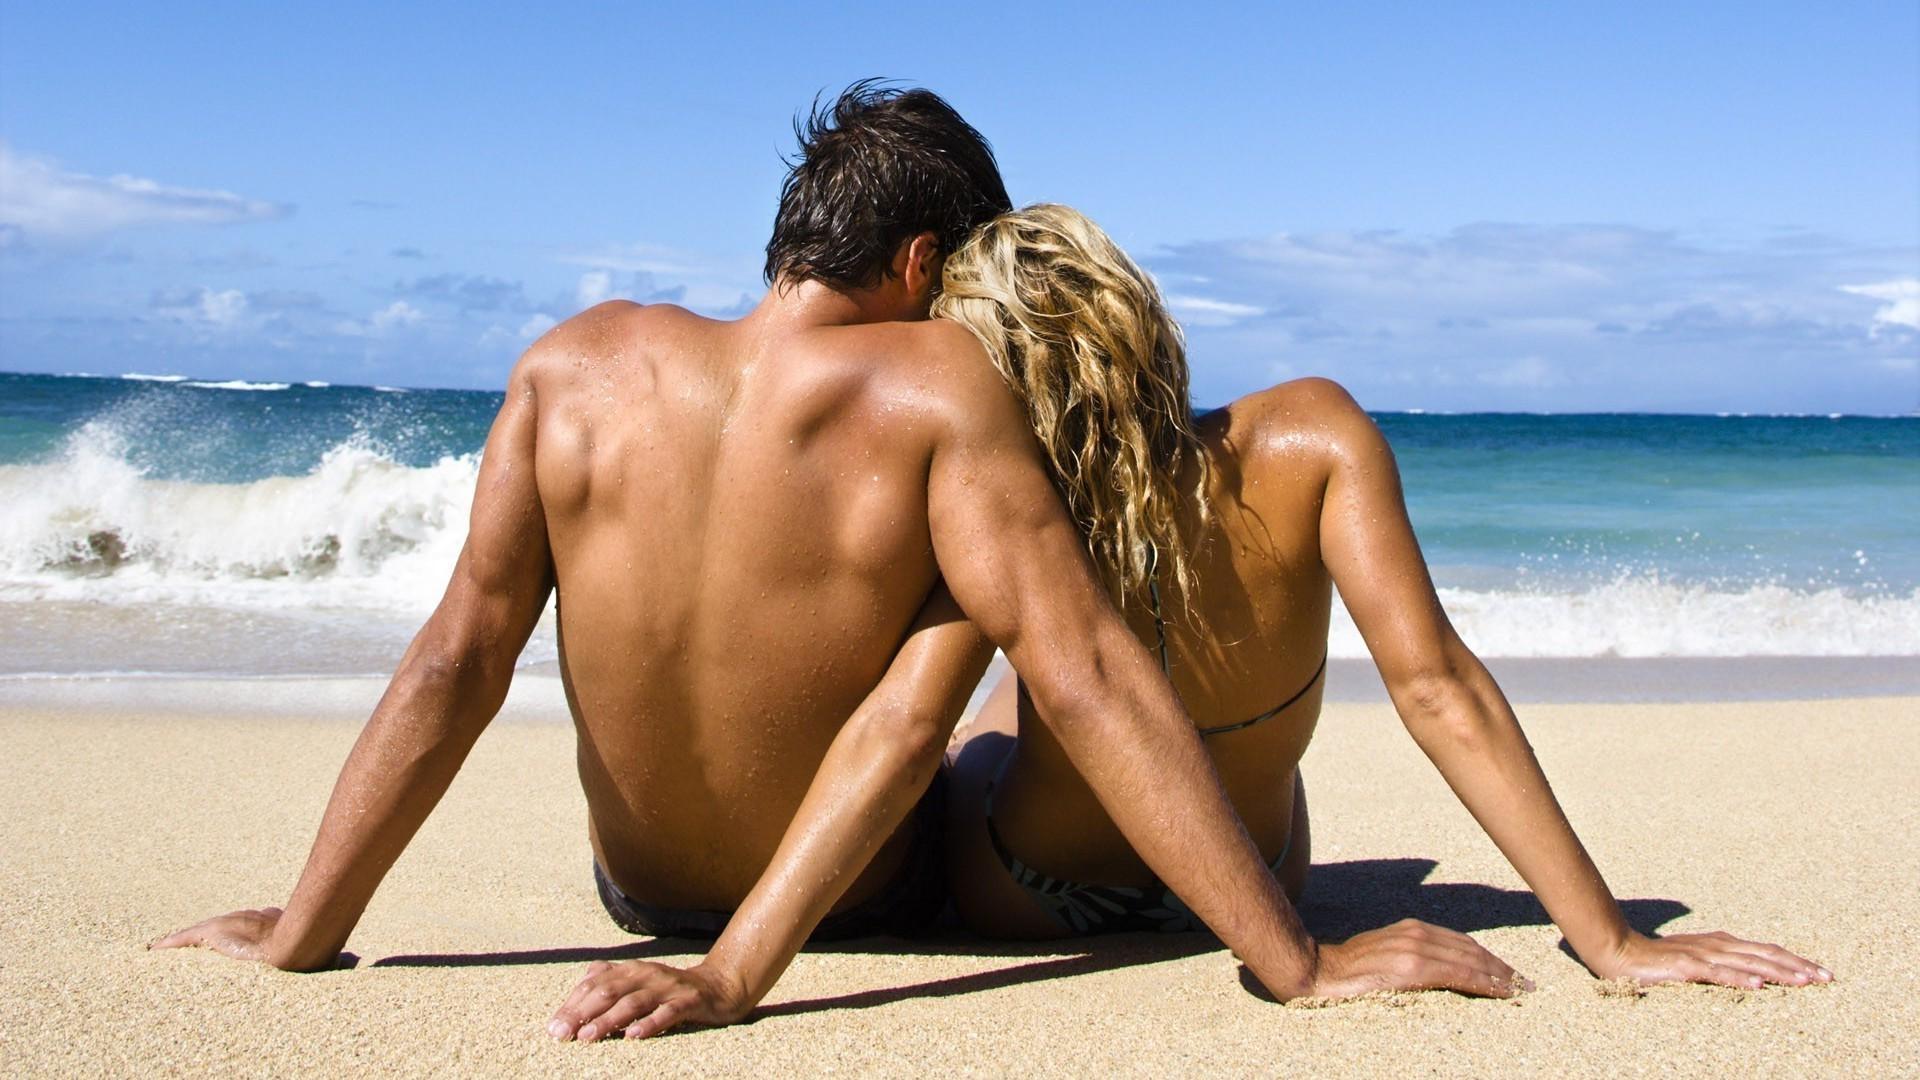 Порно на пляже, секс на пляже онлайн, секс на пляже видео